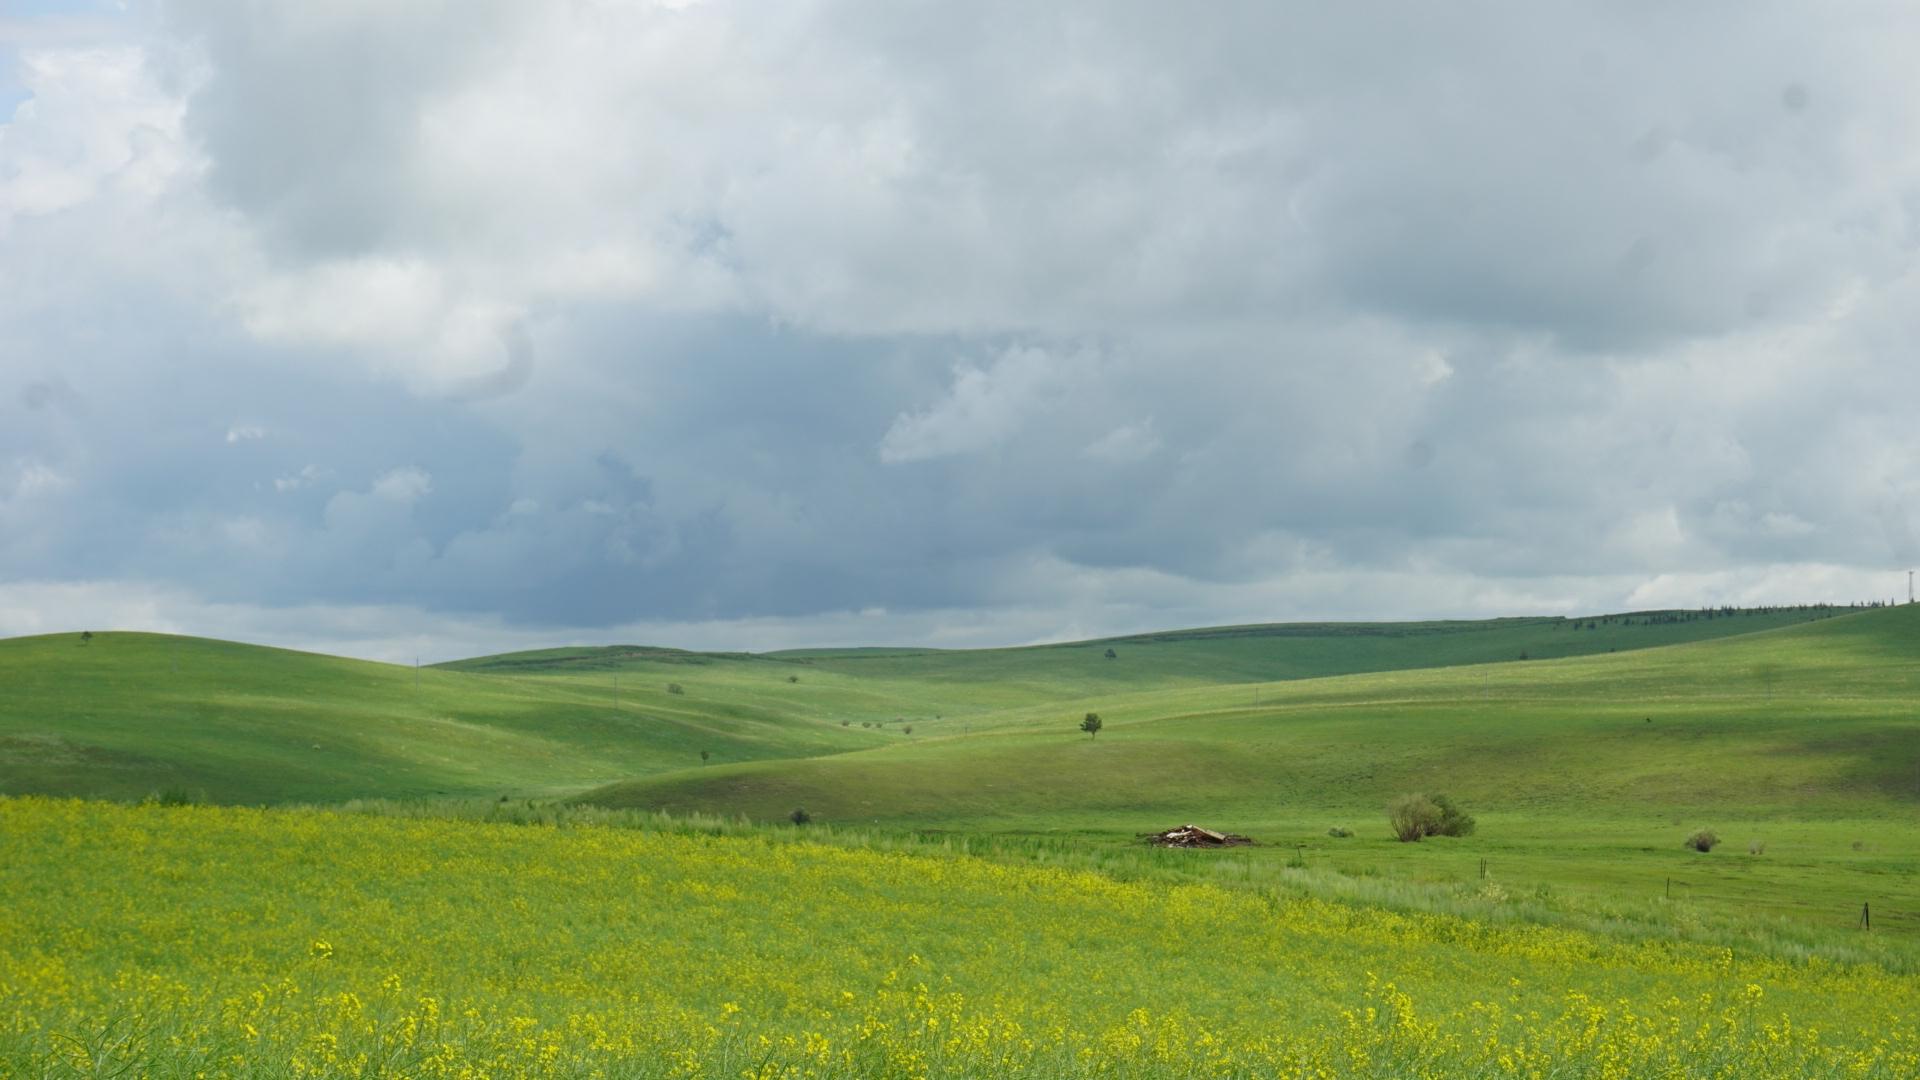 呼伦贝尔大草原,风景一直在路上。